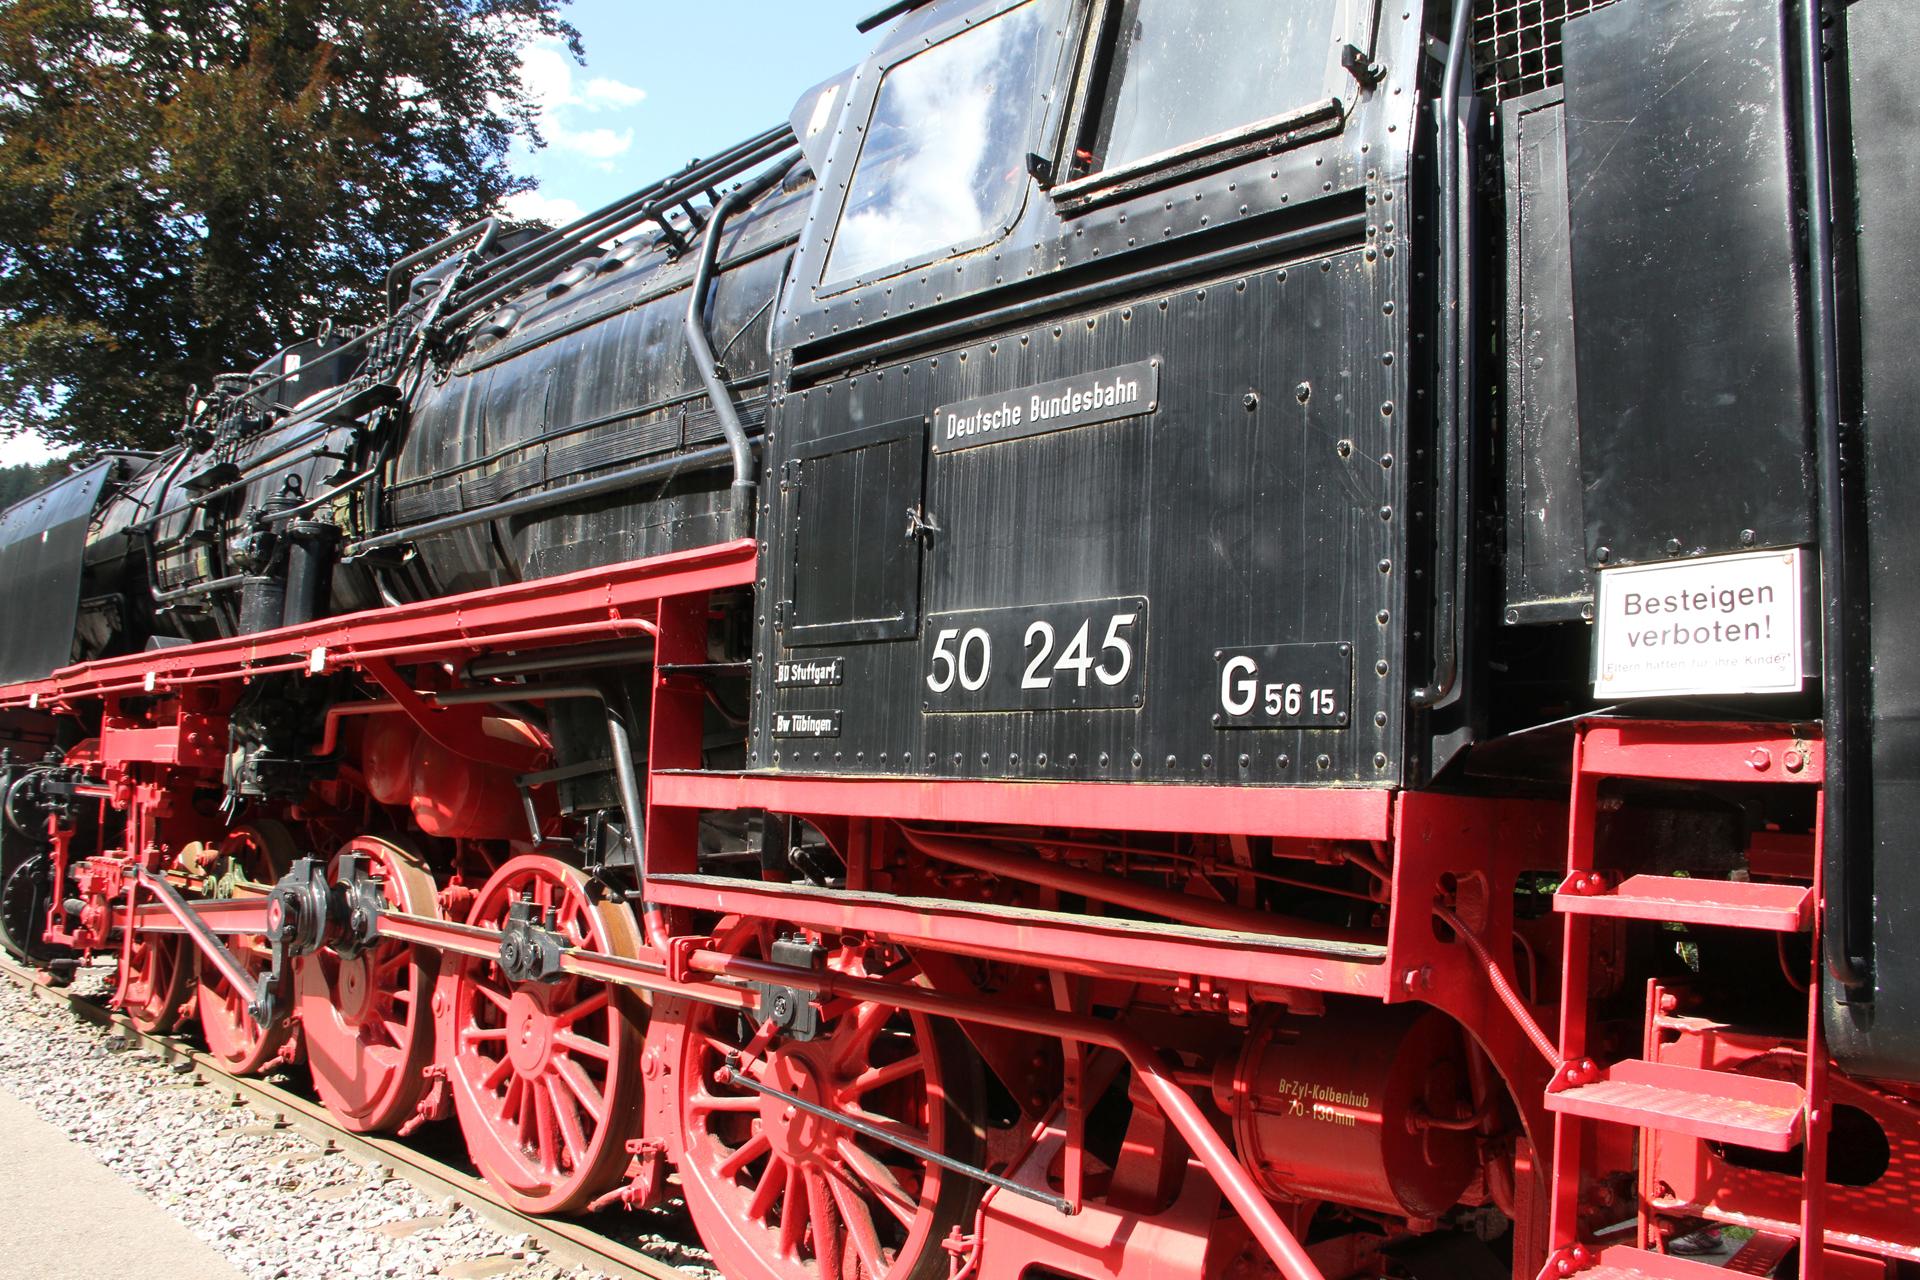 Dampflokomotive 50 245